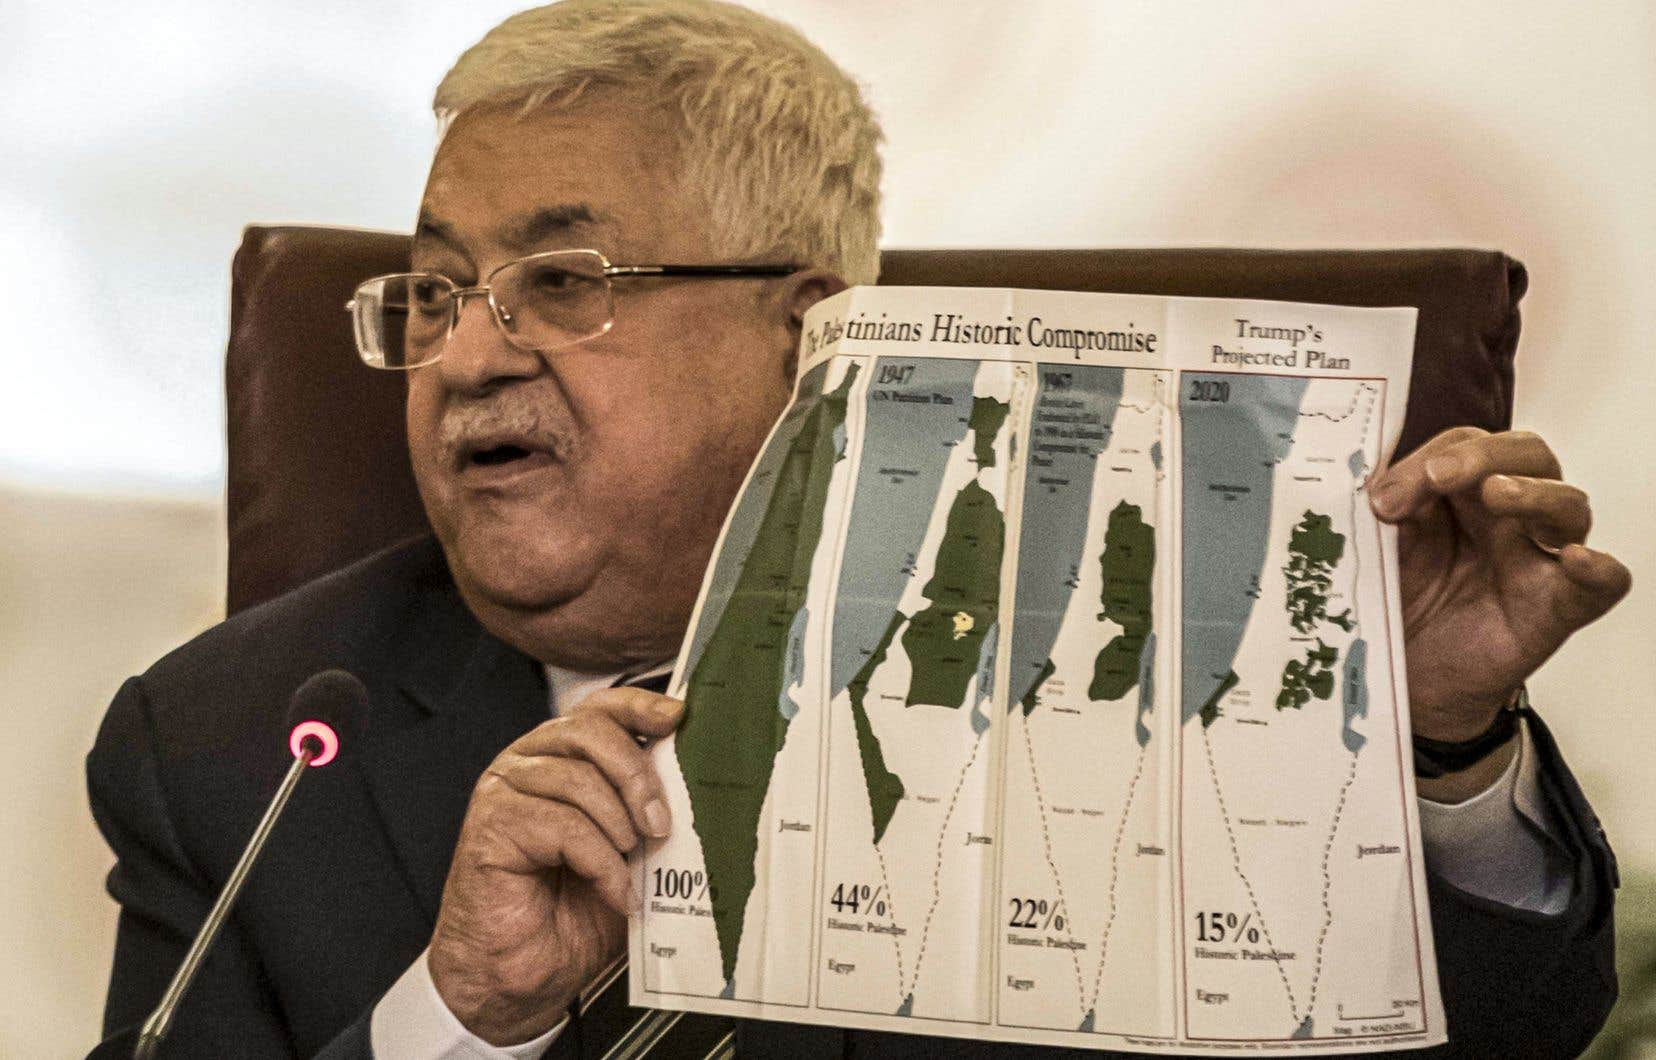 L'organisation s'est réunie auCaireaprès l'annonce du plan américain, en présence du président palestinien Mahmoud Abbas, qui leur a présenté des cartes de l'évolution des territoires palestieniens et les projections selon le plan de Donald Trump.